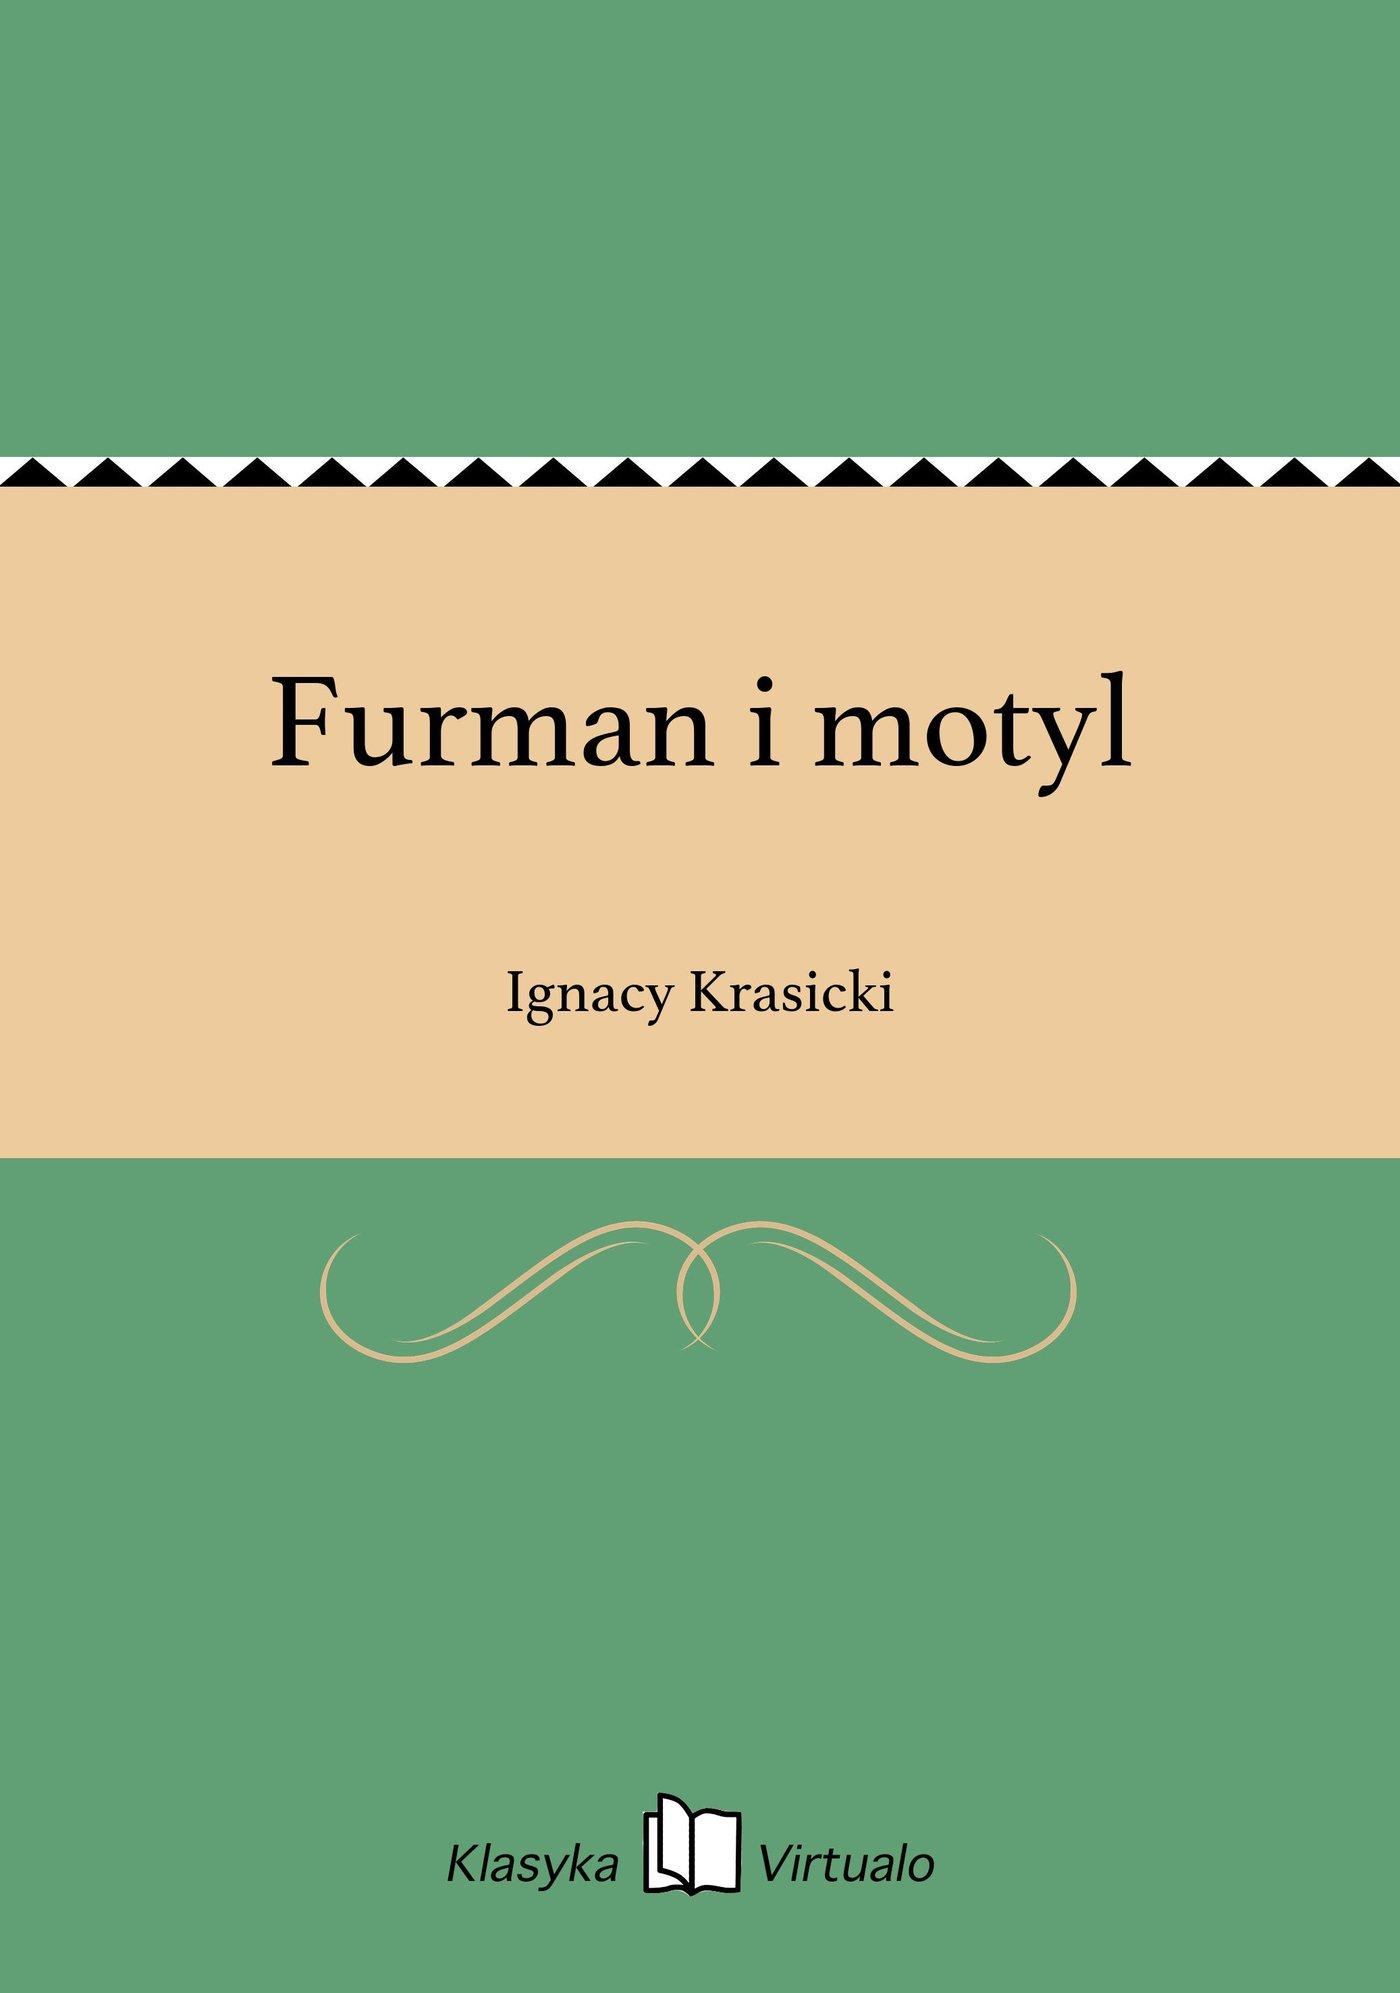 Furman i motyl - Ebook (Książka EPUB) do pobrania w formacie EPUB